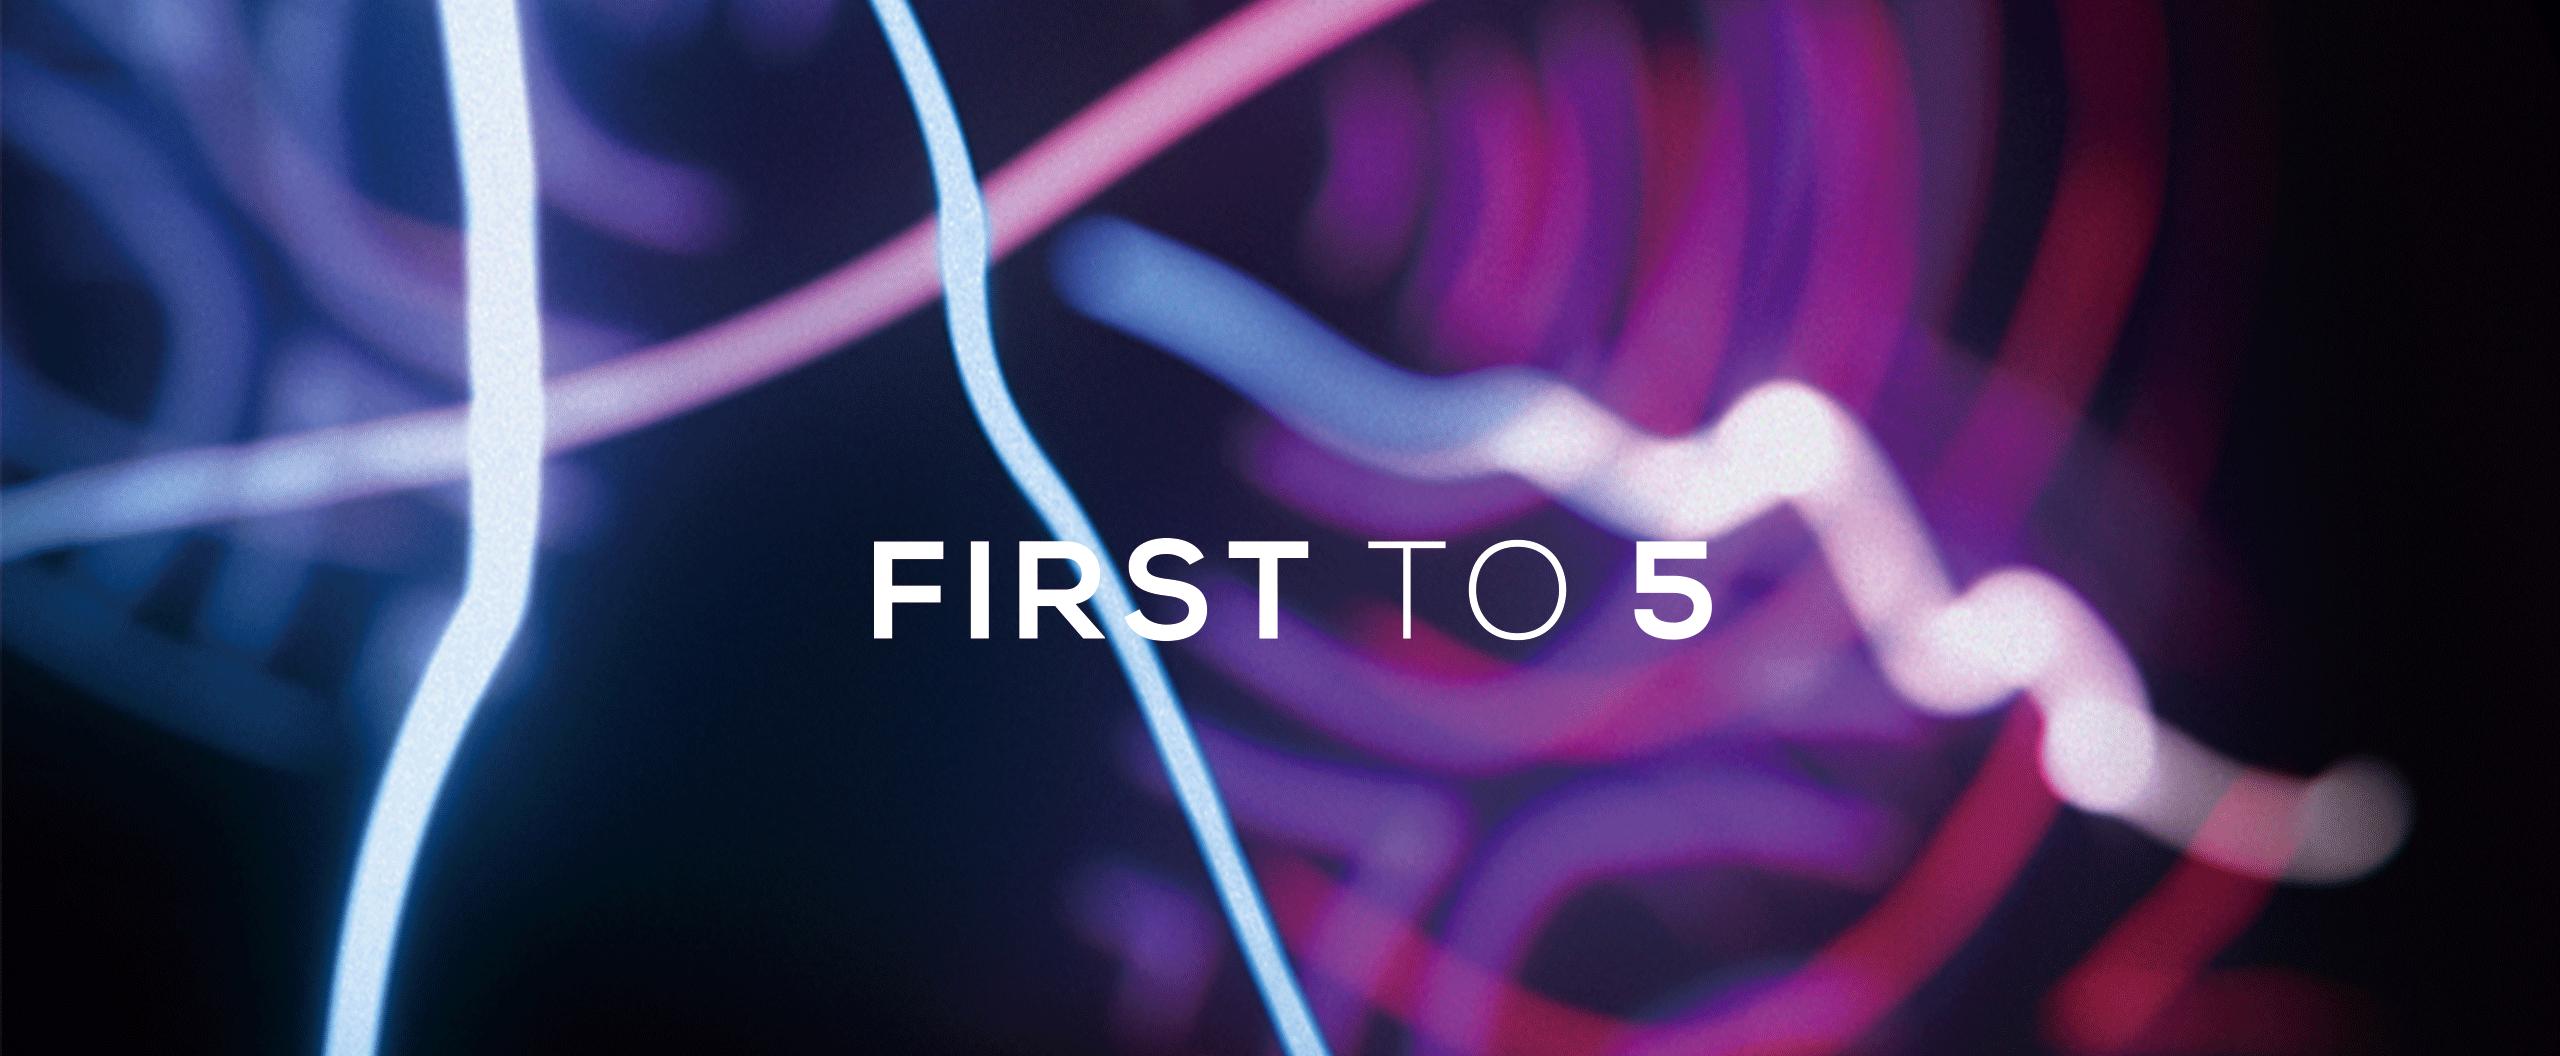 OPPO 5G landing plan: первый шаг. Коммерческий запуск 5G в Европе в сотрудничестве с Swisscom и партнёрами.